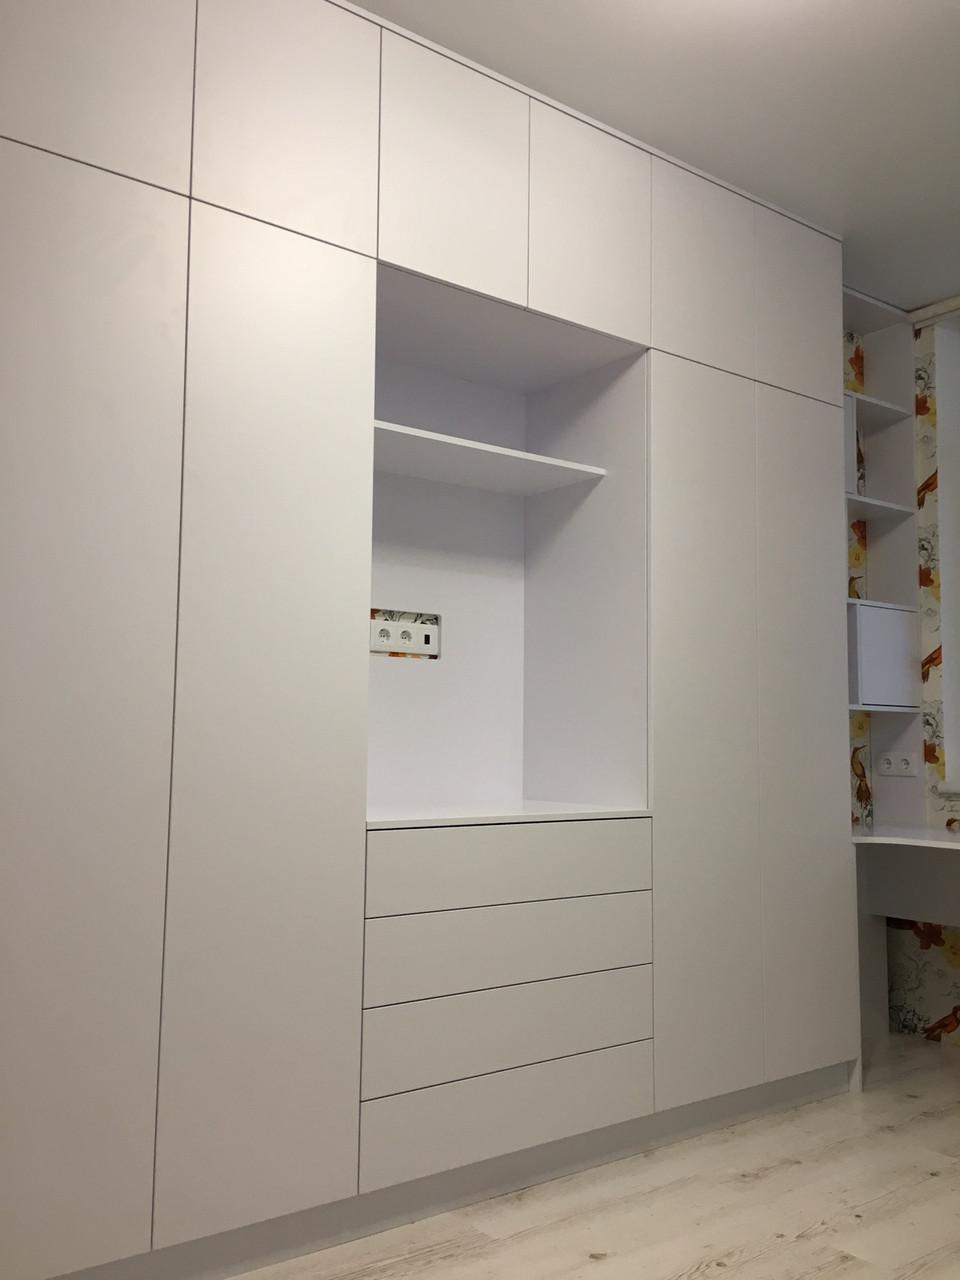 Белый матовый шкаф с полкой под тв. blum tip -on фурнитура